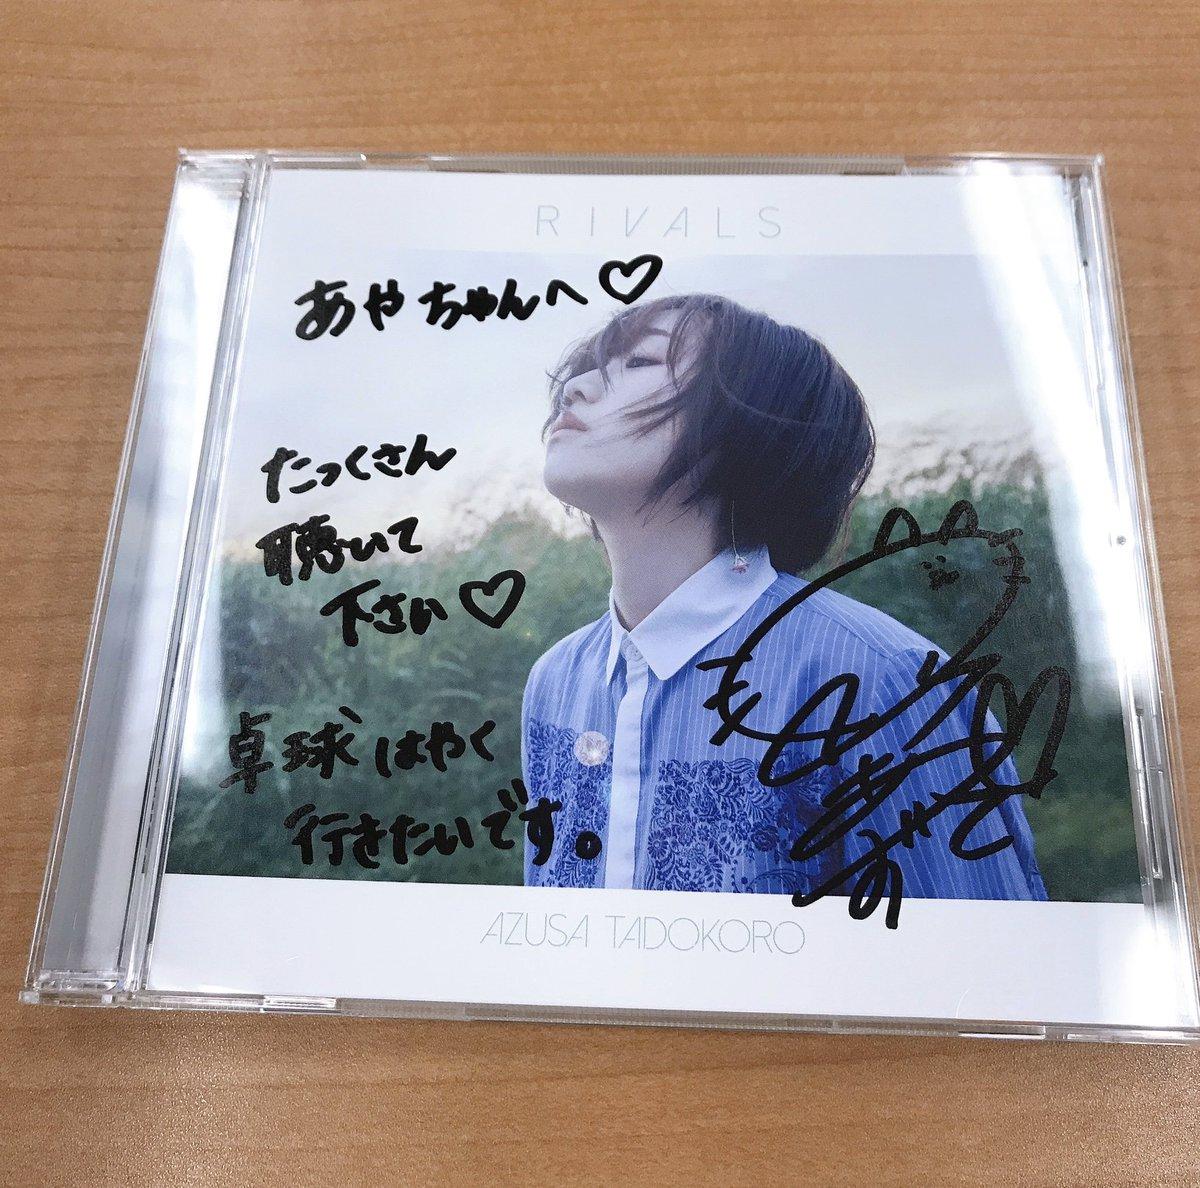 27日発売の田所あずさちゃんの10thシングル「RIVALS」、一足早くいただいちゃいました!神田川JET GIRLSのED✨澄んだ空みたいな、あずさの歌声ほんとに好き😭💕カップリングも最高!